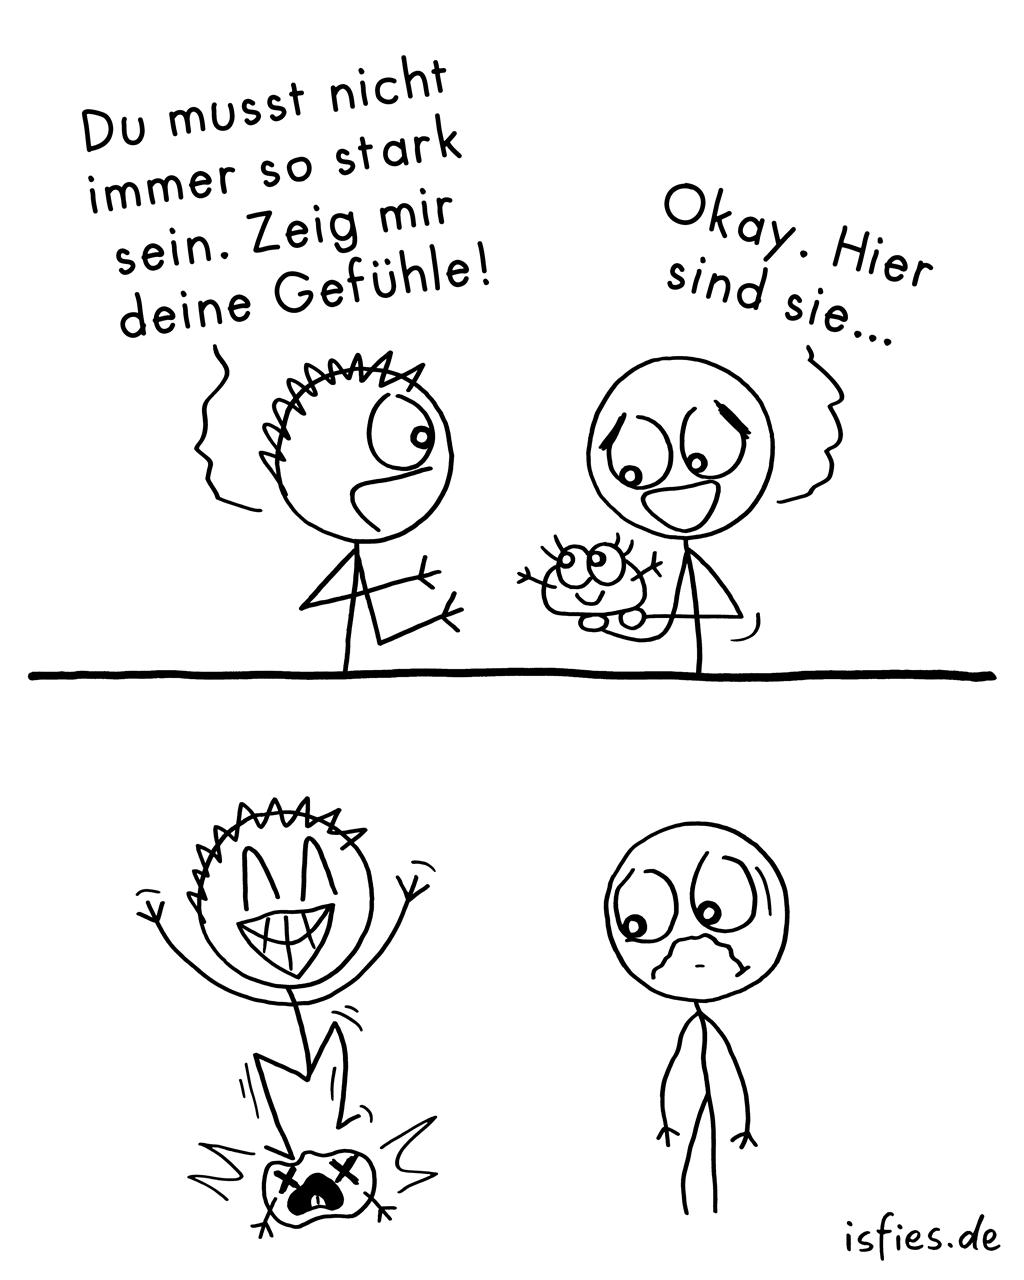 Gefühle zeigen. Is fies! | #fühlen #menschen #comic #isfies